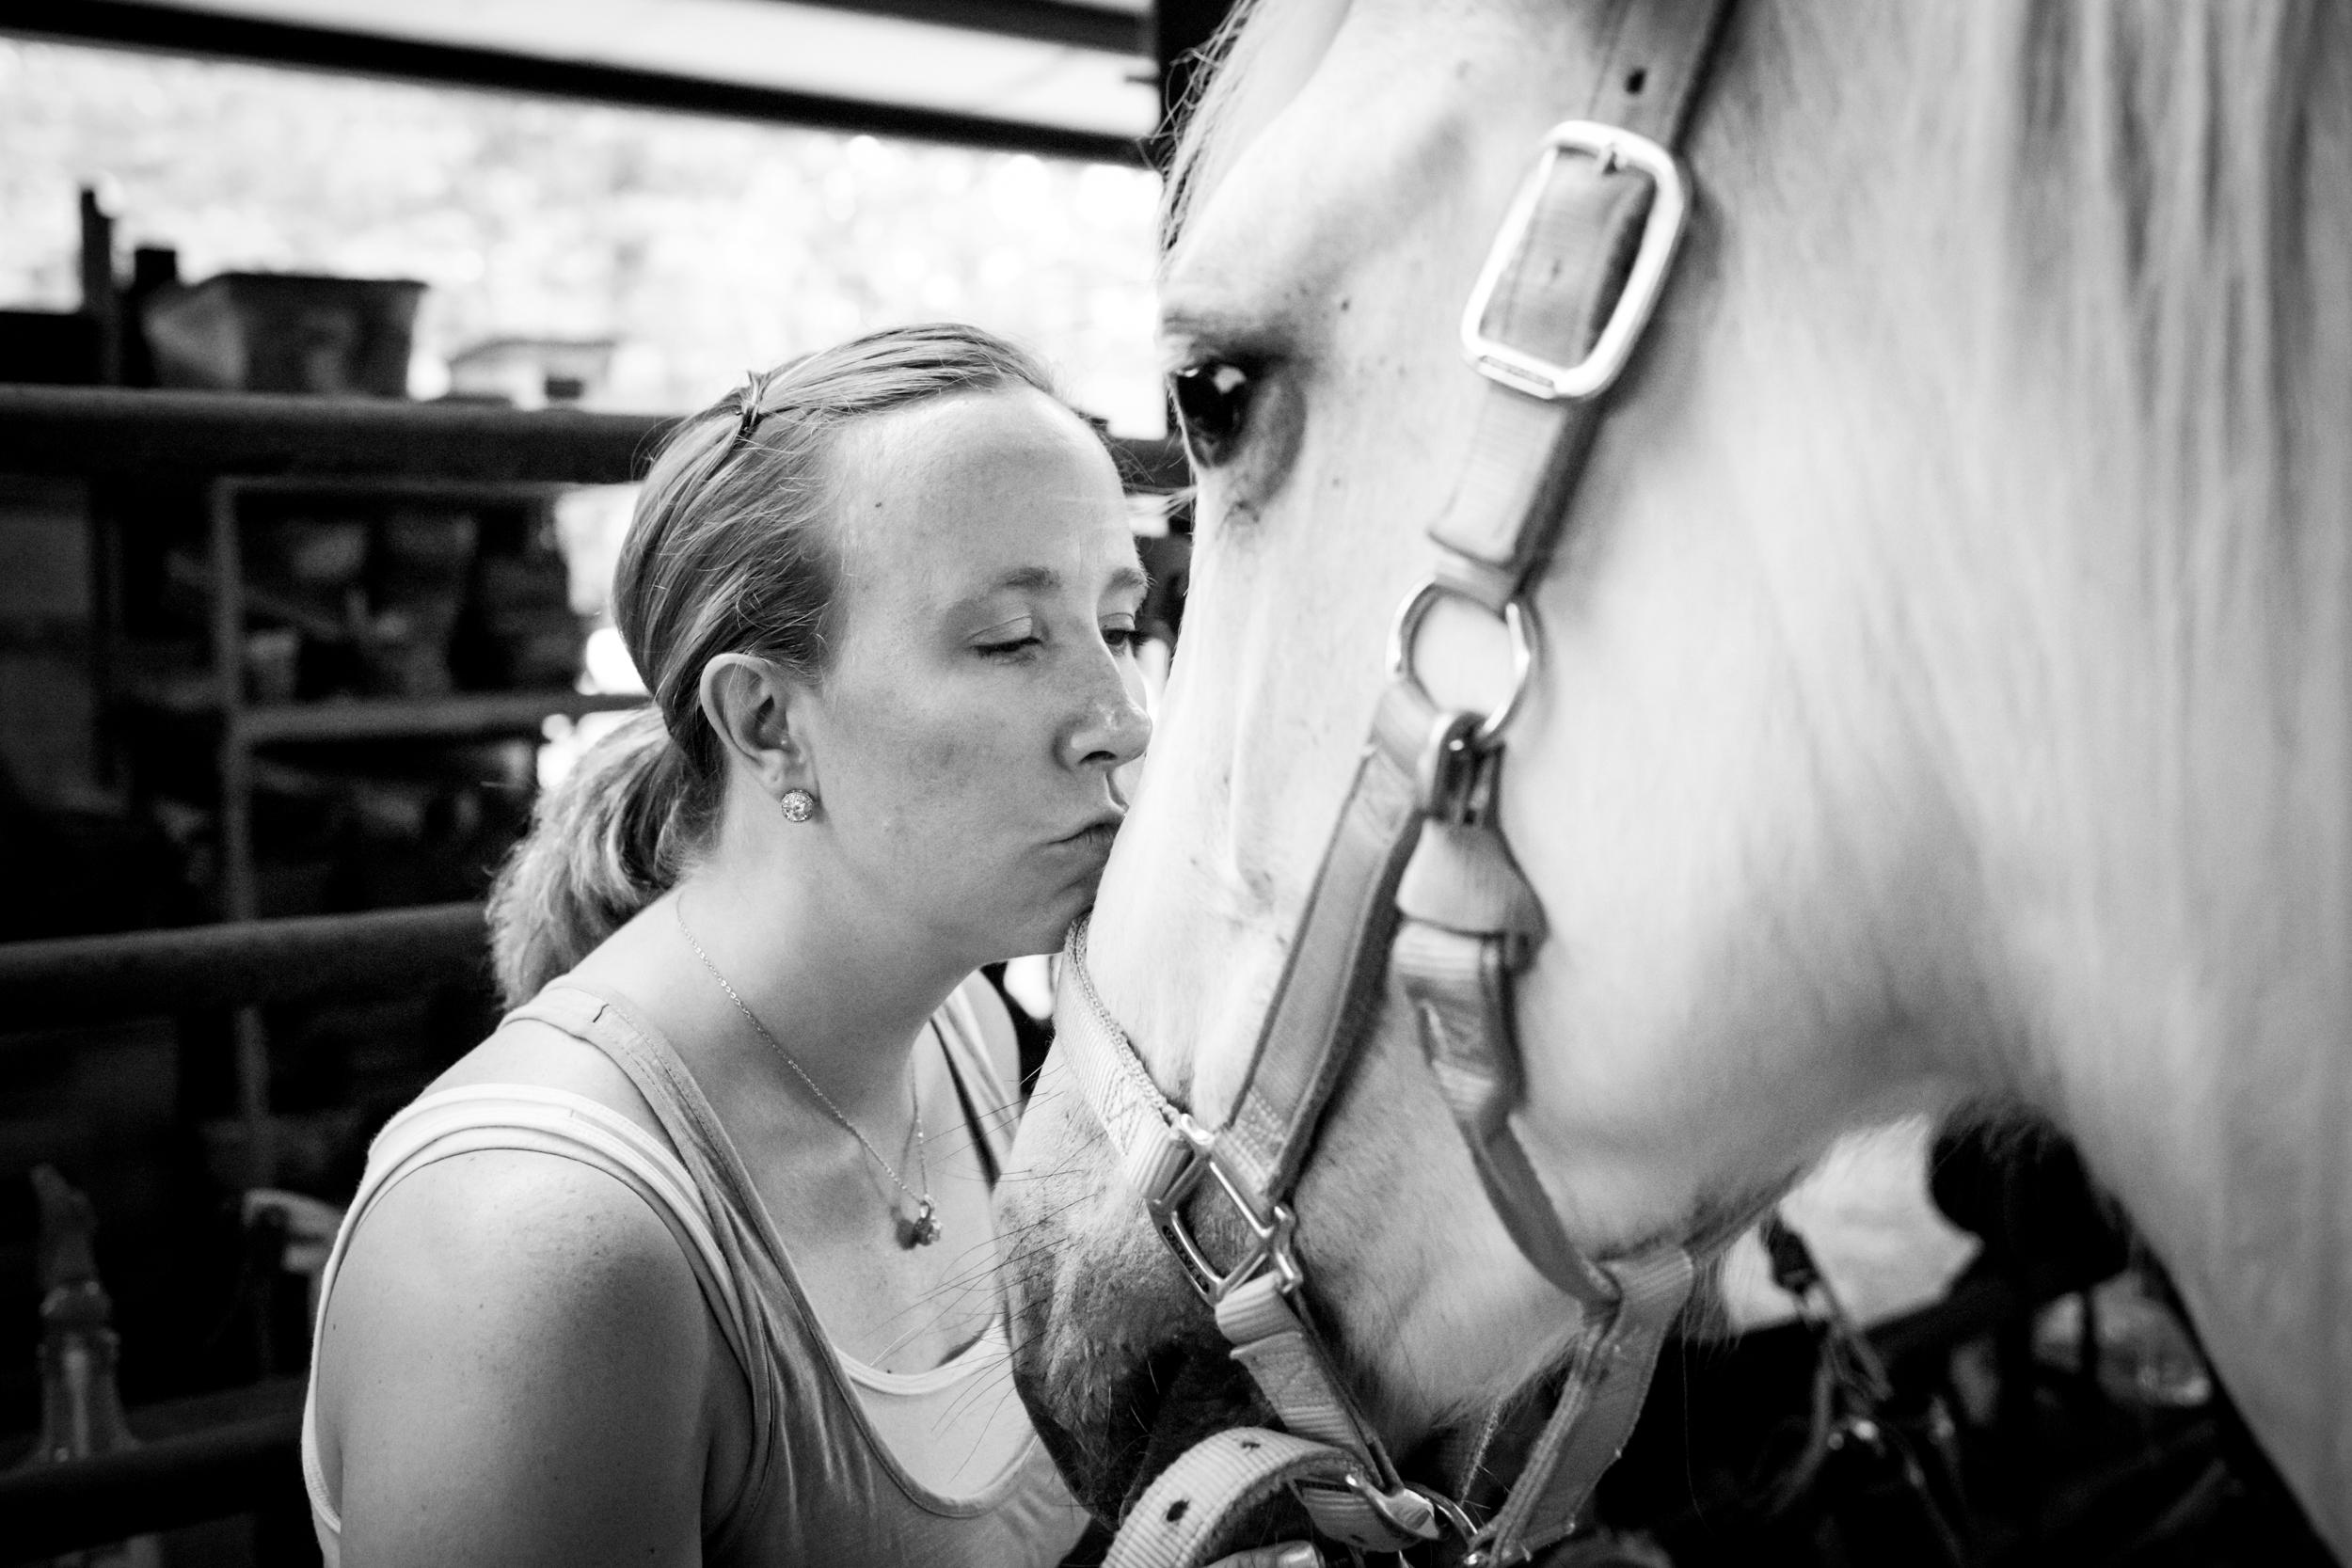 jacksonville-family-photographer-documentary-11.jpg